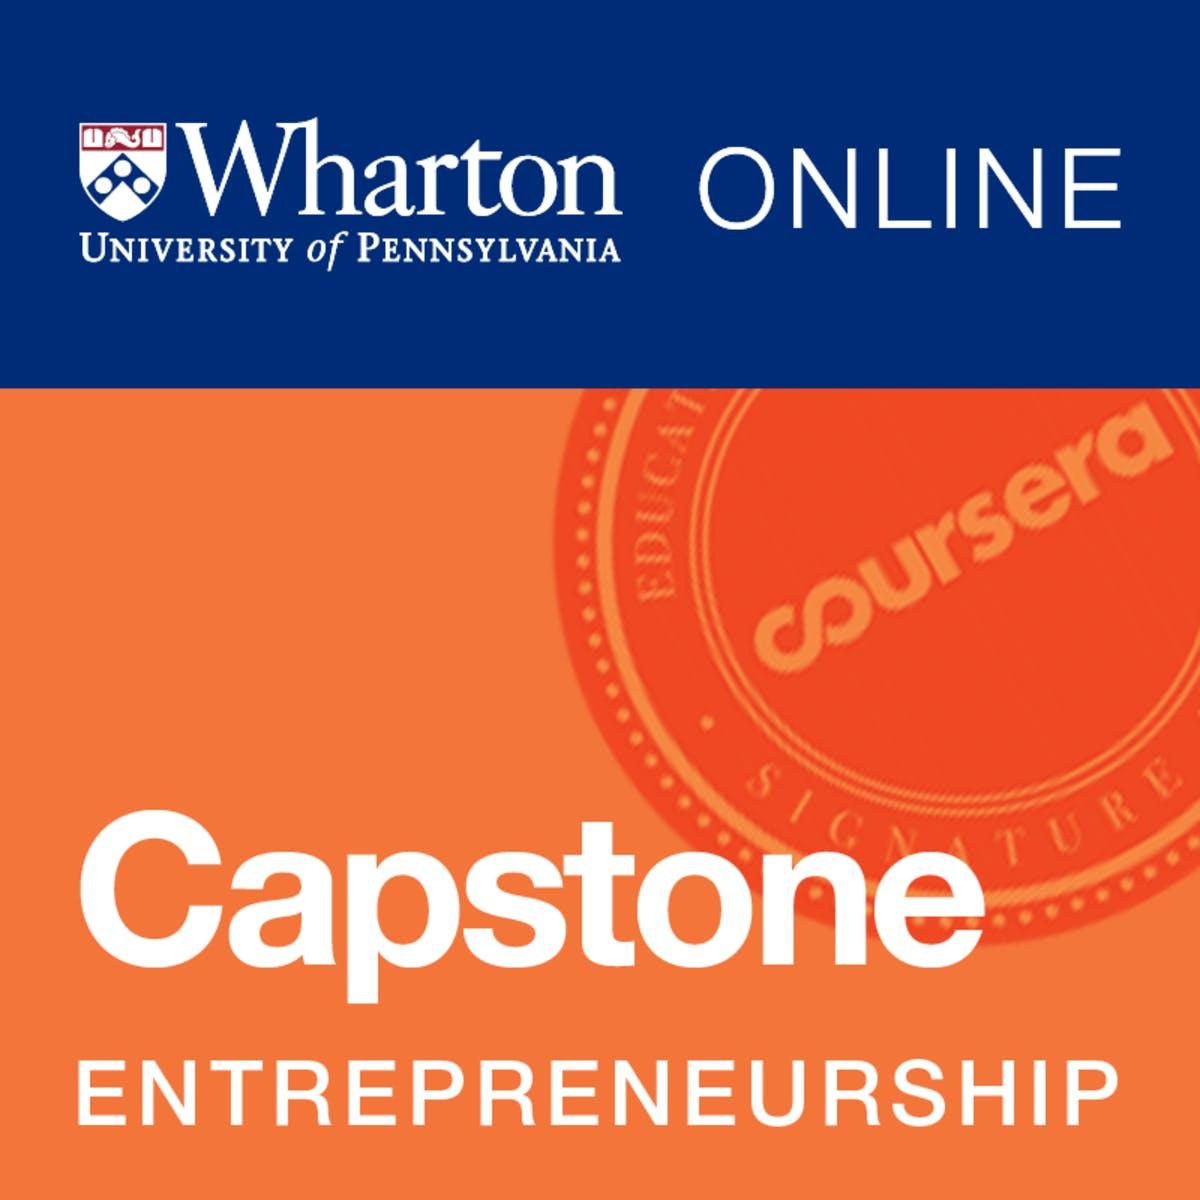 Wharton Entrepreneurship Capstone